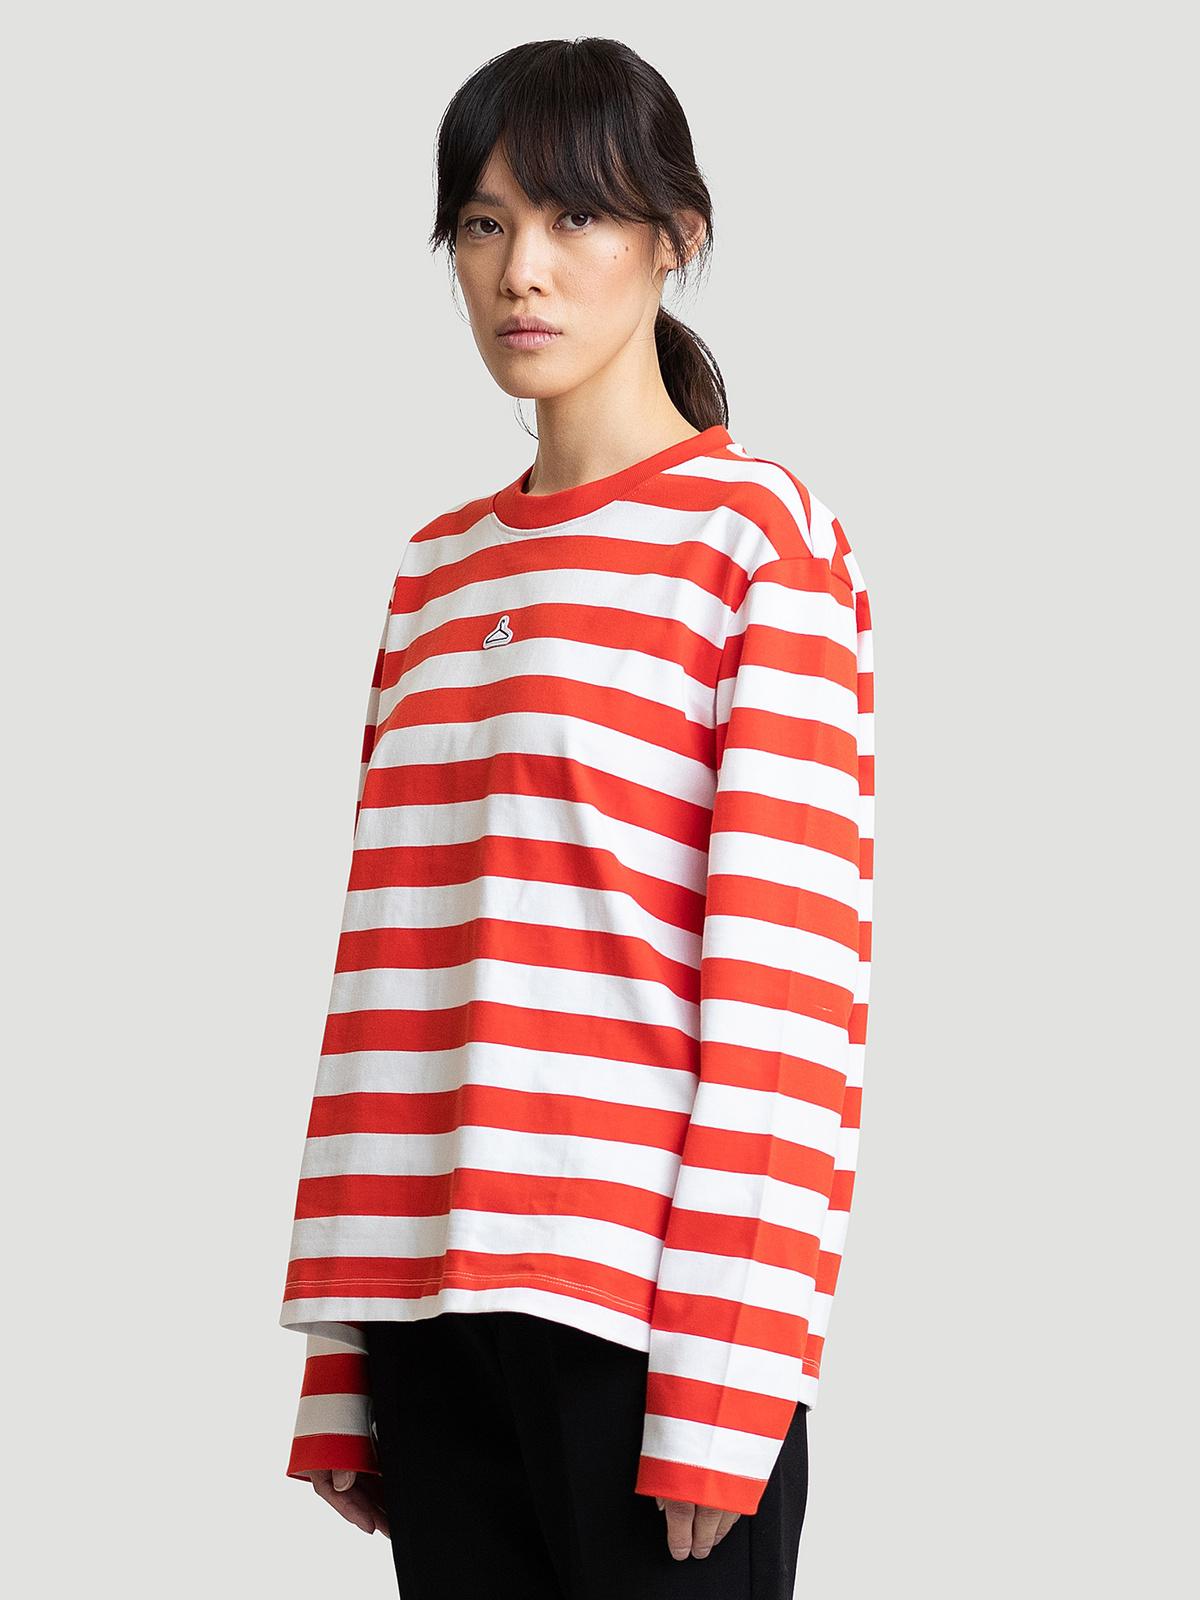 Hanger Striped Longsleeve Red White 6